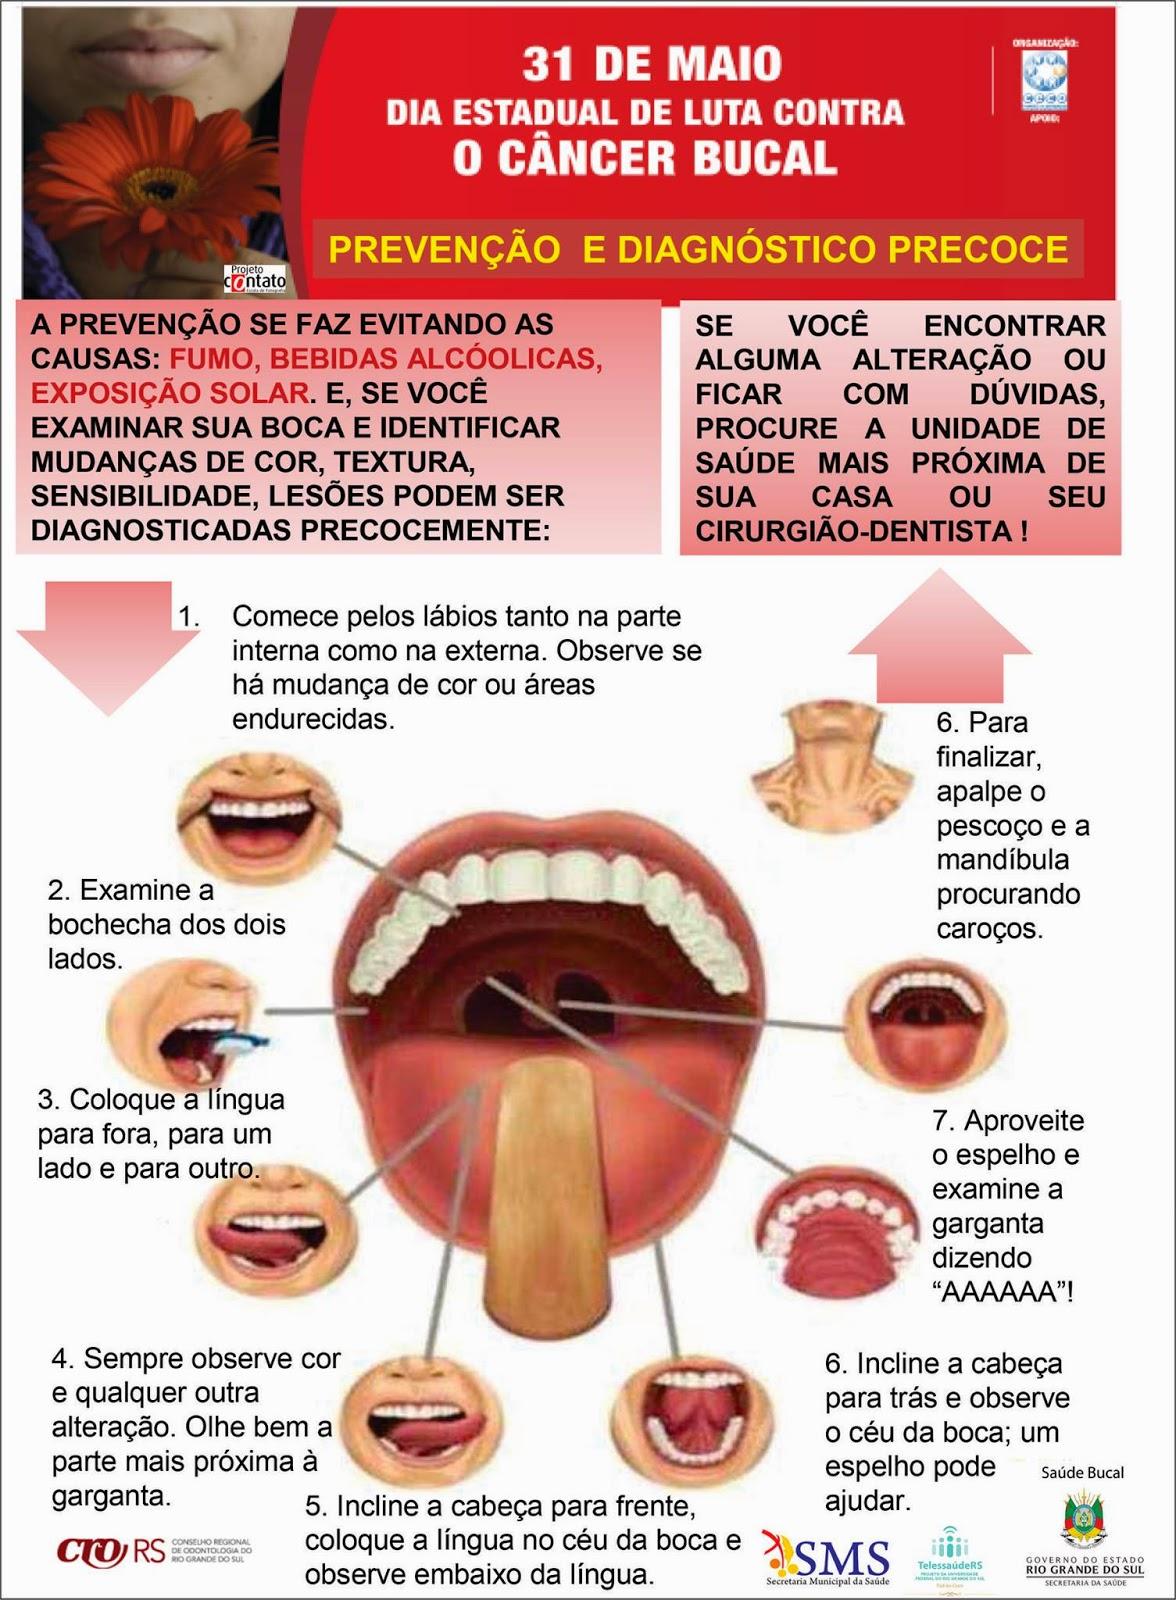 Cancer bucal en venezuela Ce sunt aftele şi ulceraţiile mucoasei bucale?, Cancer bucal en venezuela